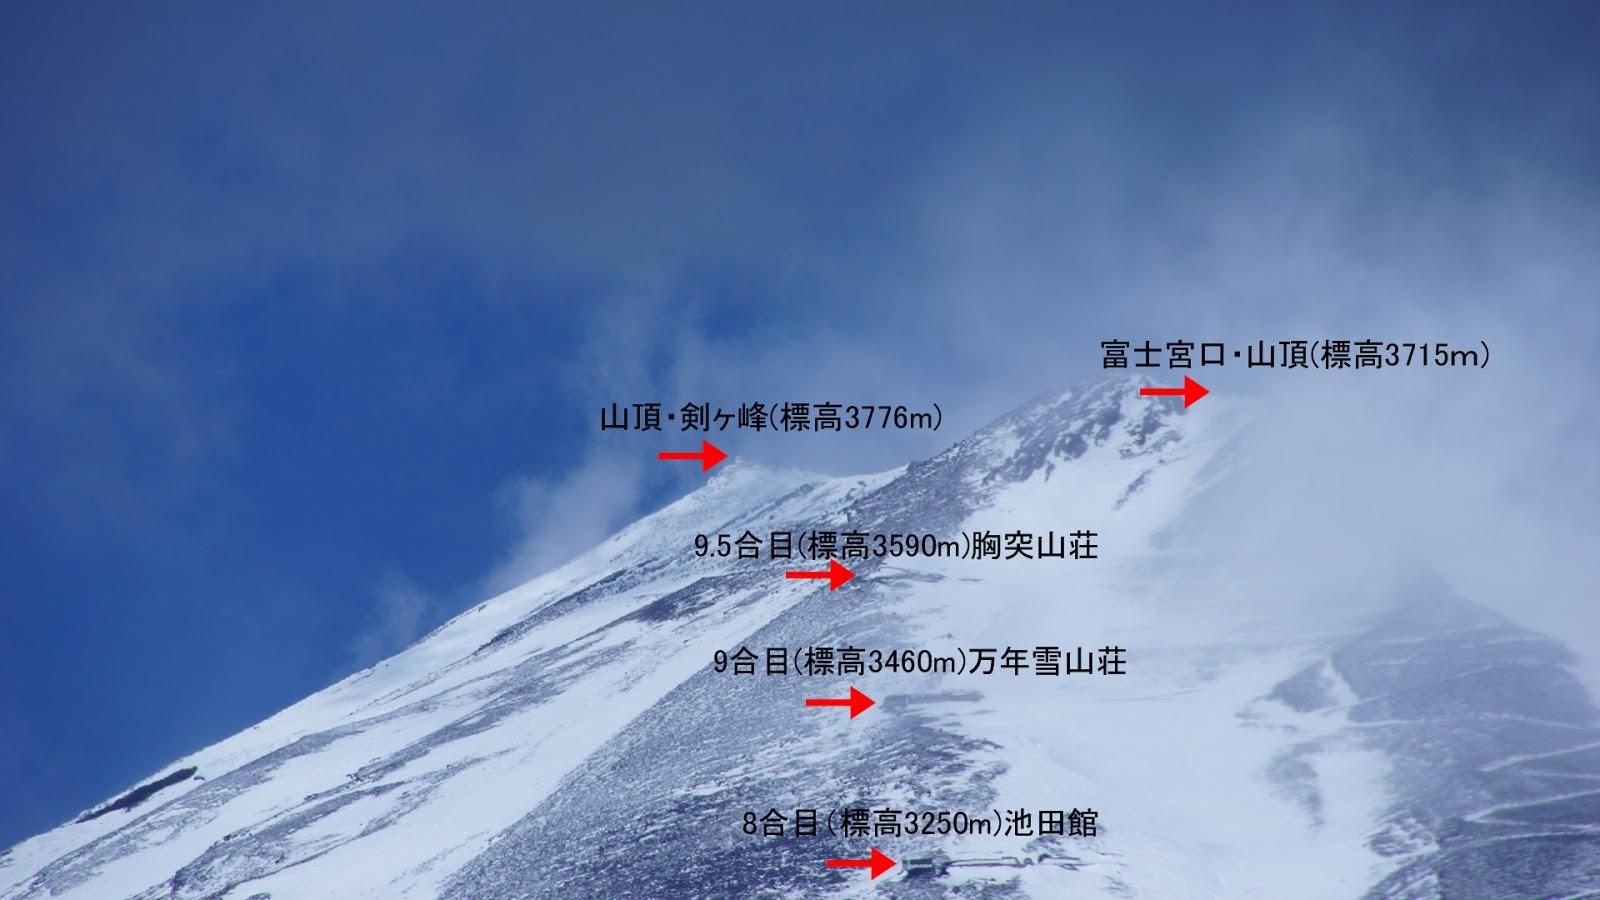 ユーチュー 富士山 バー 滑落 なぜ男性は富士山からの自殺動画をニコ生で配信したのでしょう?有名にな